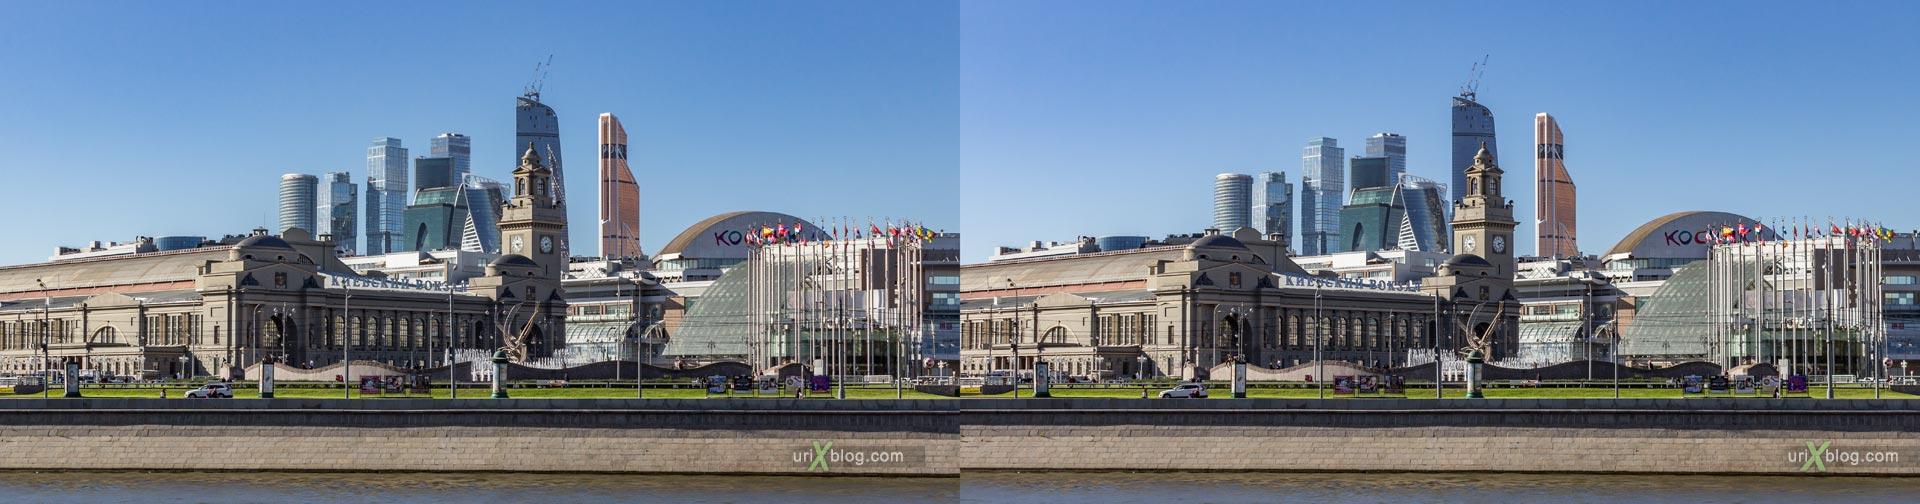 Москва, сити, река, набережная, Киевский вокзал, Европейская площадь, Ростовская набережная, 3D, перекрёстная стереопара, стерео, стереопара, 2015, гиперстерео